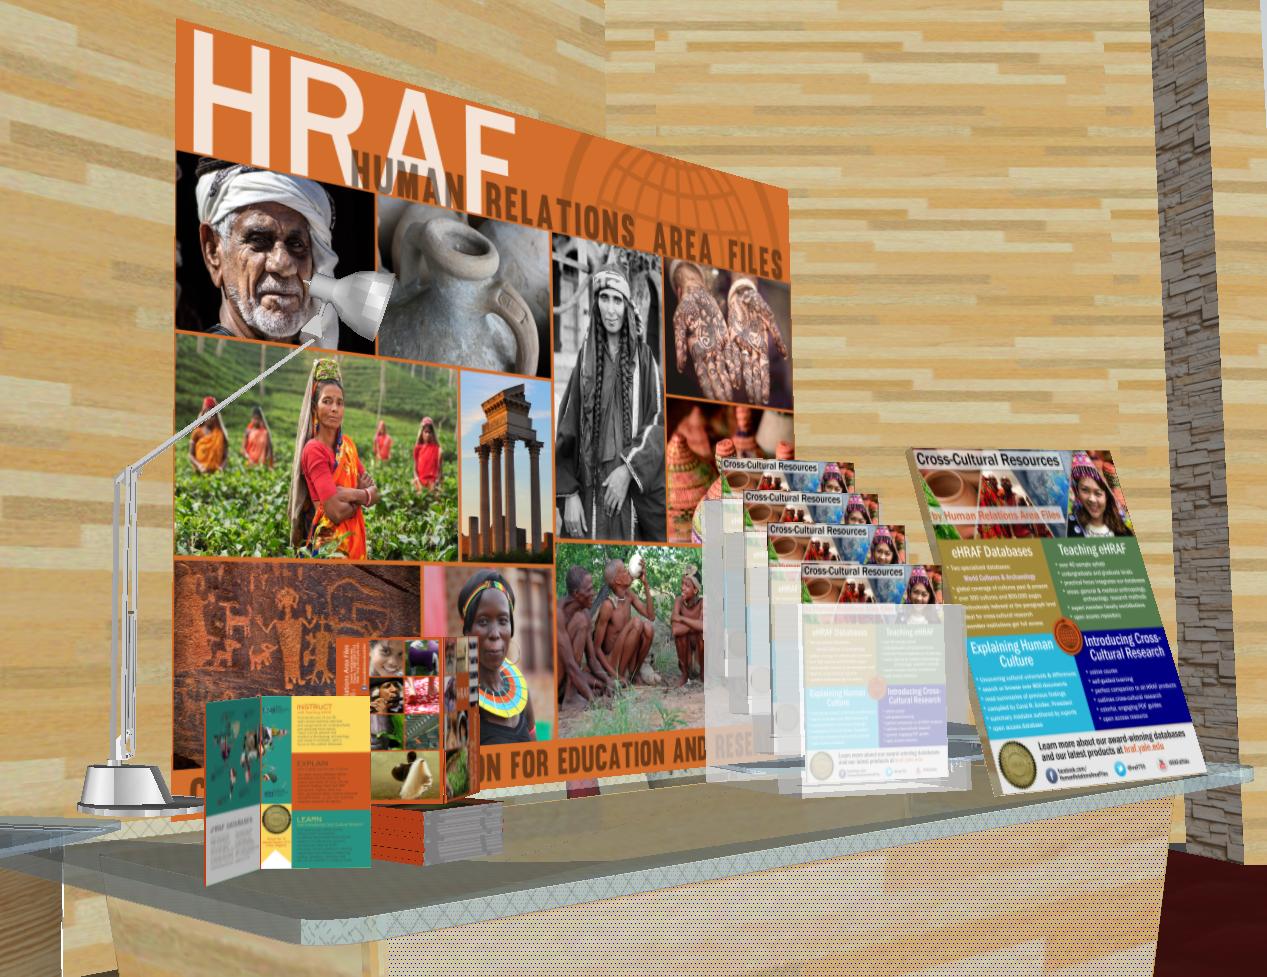 HRAF Promotional Media & Downloads